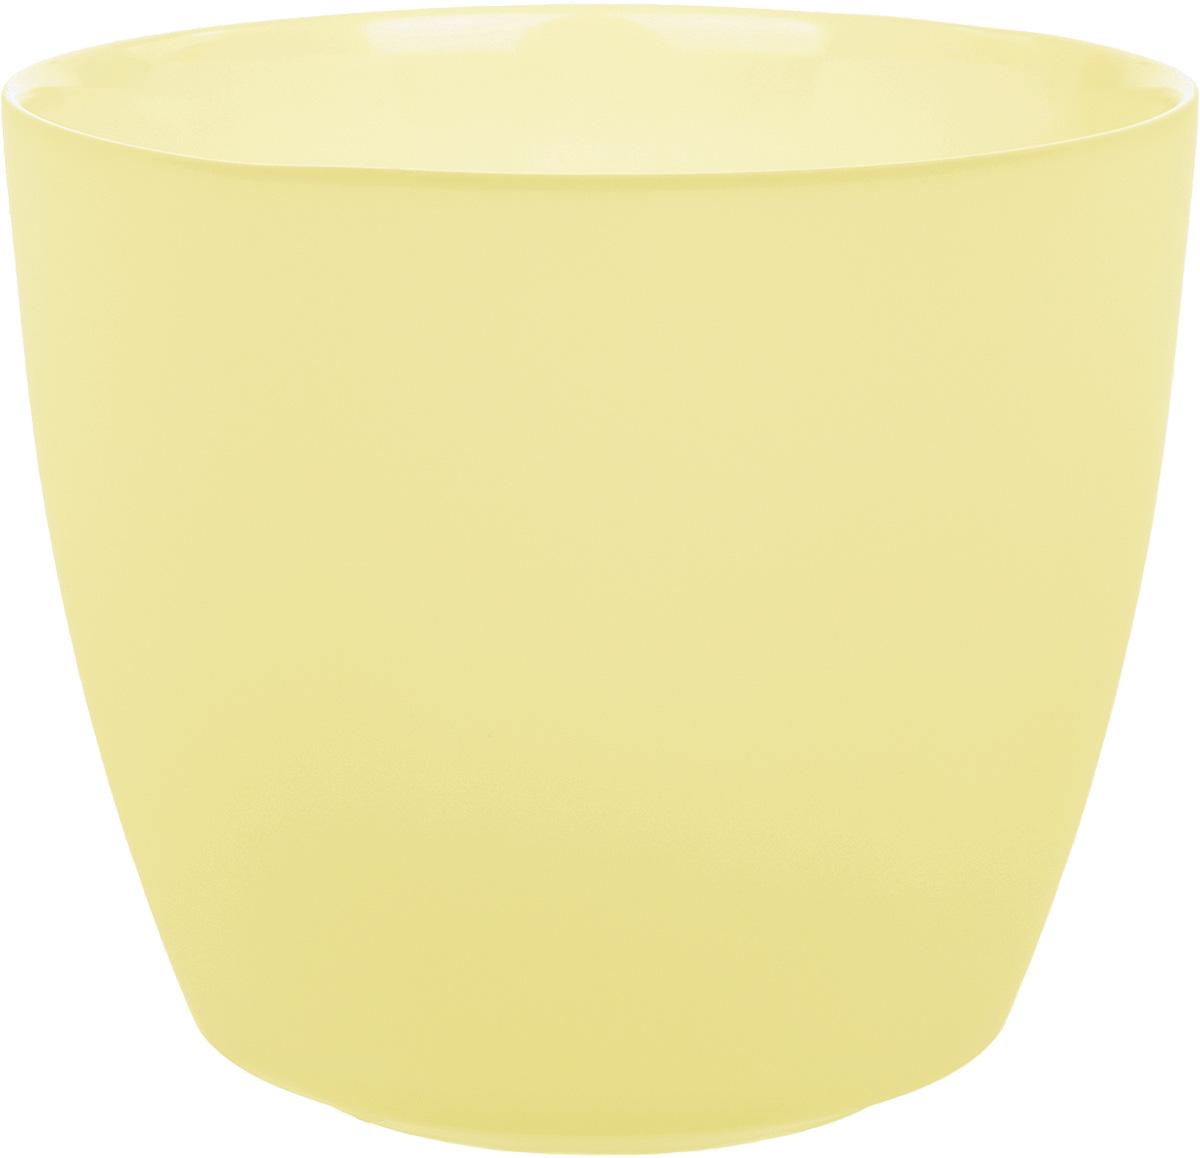 Кашпо Nina Glass НТ-3, цвет: ваниль, 1,7 лNG93-226VПродукция завода под брендом NinaGlass известна российскому потребителю необычностью форм и оригинальным декорированием. Главным достоинством стеклянных горшков является отсутствие пористости на их внутренней поверхности, что делает безопасной смену растительного состава. Предприятие производит два вида изделий для флористов:- стеклянные цветочные горшки с отверстием в дне для посадки в них цветов и растений и подставкой под горшок в виде блюдца;- кашпо без отверстия для укладки в них пластиковых контейнеров с цветами и растениями.Горшки и кашпо изготавливаются из опалового триплексного (тройного) стекла с различными видами декорирования водо- и износостойкими красками. Возможна окраска изделий изнутри. Матовая поверхность и окраска изнутри создают объемный эффект, а сами цвета очень мягкие и приятные. Также интересны и формы изделий, выполненные методом центробежного формования: - горшки НТ - современная модель горшка с поддоном, которые смотрятся как единое целое и обладают устойчивым широким дном;- кашпо НТ - глубокие, с небольшим радиусом выпуклости, хорошим широким дном. Кашпо-подсвечники в форме куба можно считать дополнительной опцией: вы можете оформить интерьер не только оригинальными горшками и кашпо, но также весьма привлекательными подсвечниками.Доступны 5 размеров горшков и кашпо и 3 размера кашпо-кубов. Продукция TM NinaGlass безопасна, функциональна, прочна и уникальна. Горшки и кашпо способны создать неповторимое настроение и стать центром интерьера в любом помещении.